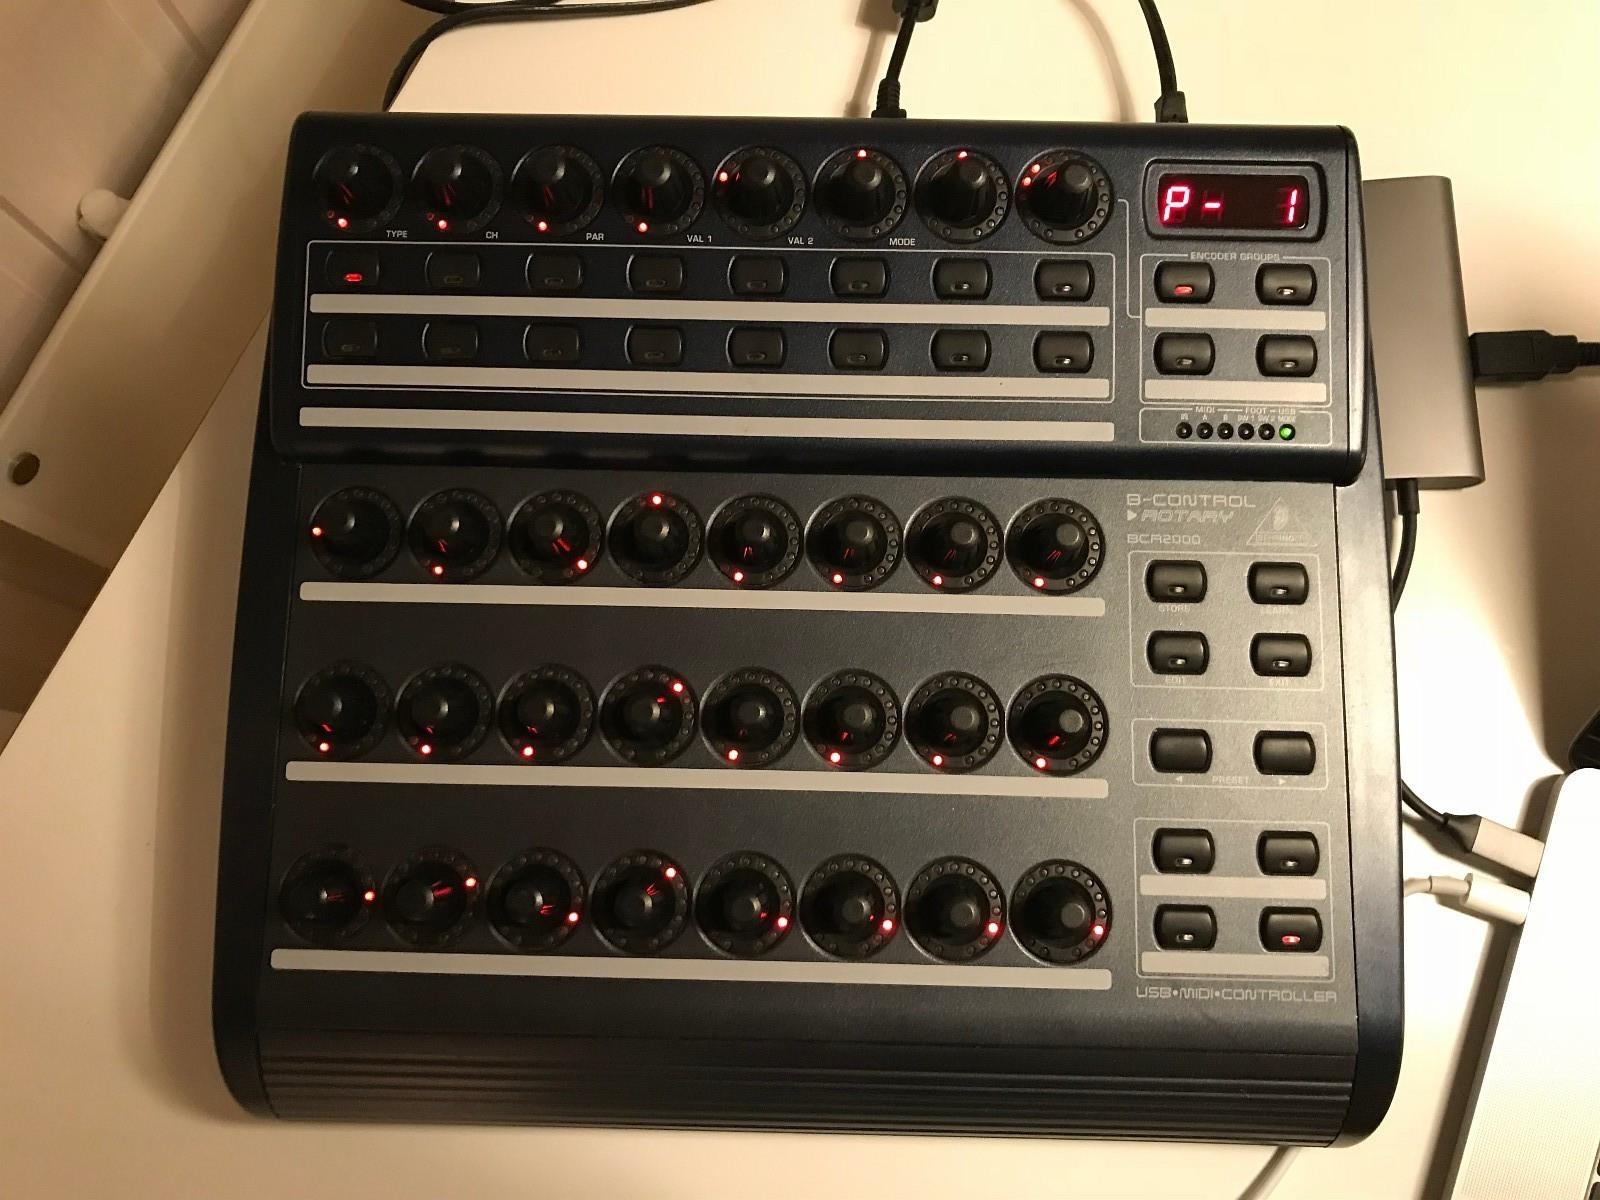 BCR2000 - Eidsvoll  - Godt brukt men i god stand. Kjøpte denne en stund siden til å styre en analog synth men har ikke tid til å oppsette den. Selger den derfor videre til noen mindre lat.  Testet nettopp med ableton på en Mac med nyeste OS og fungerer so - Eidsvoll